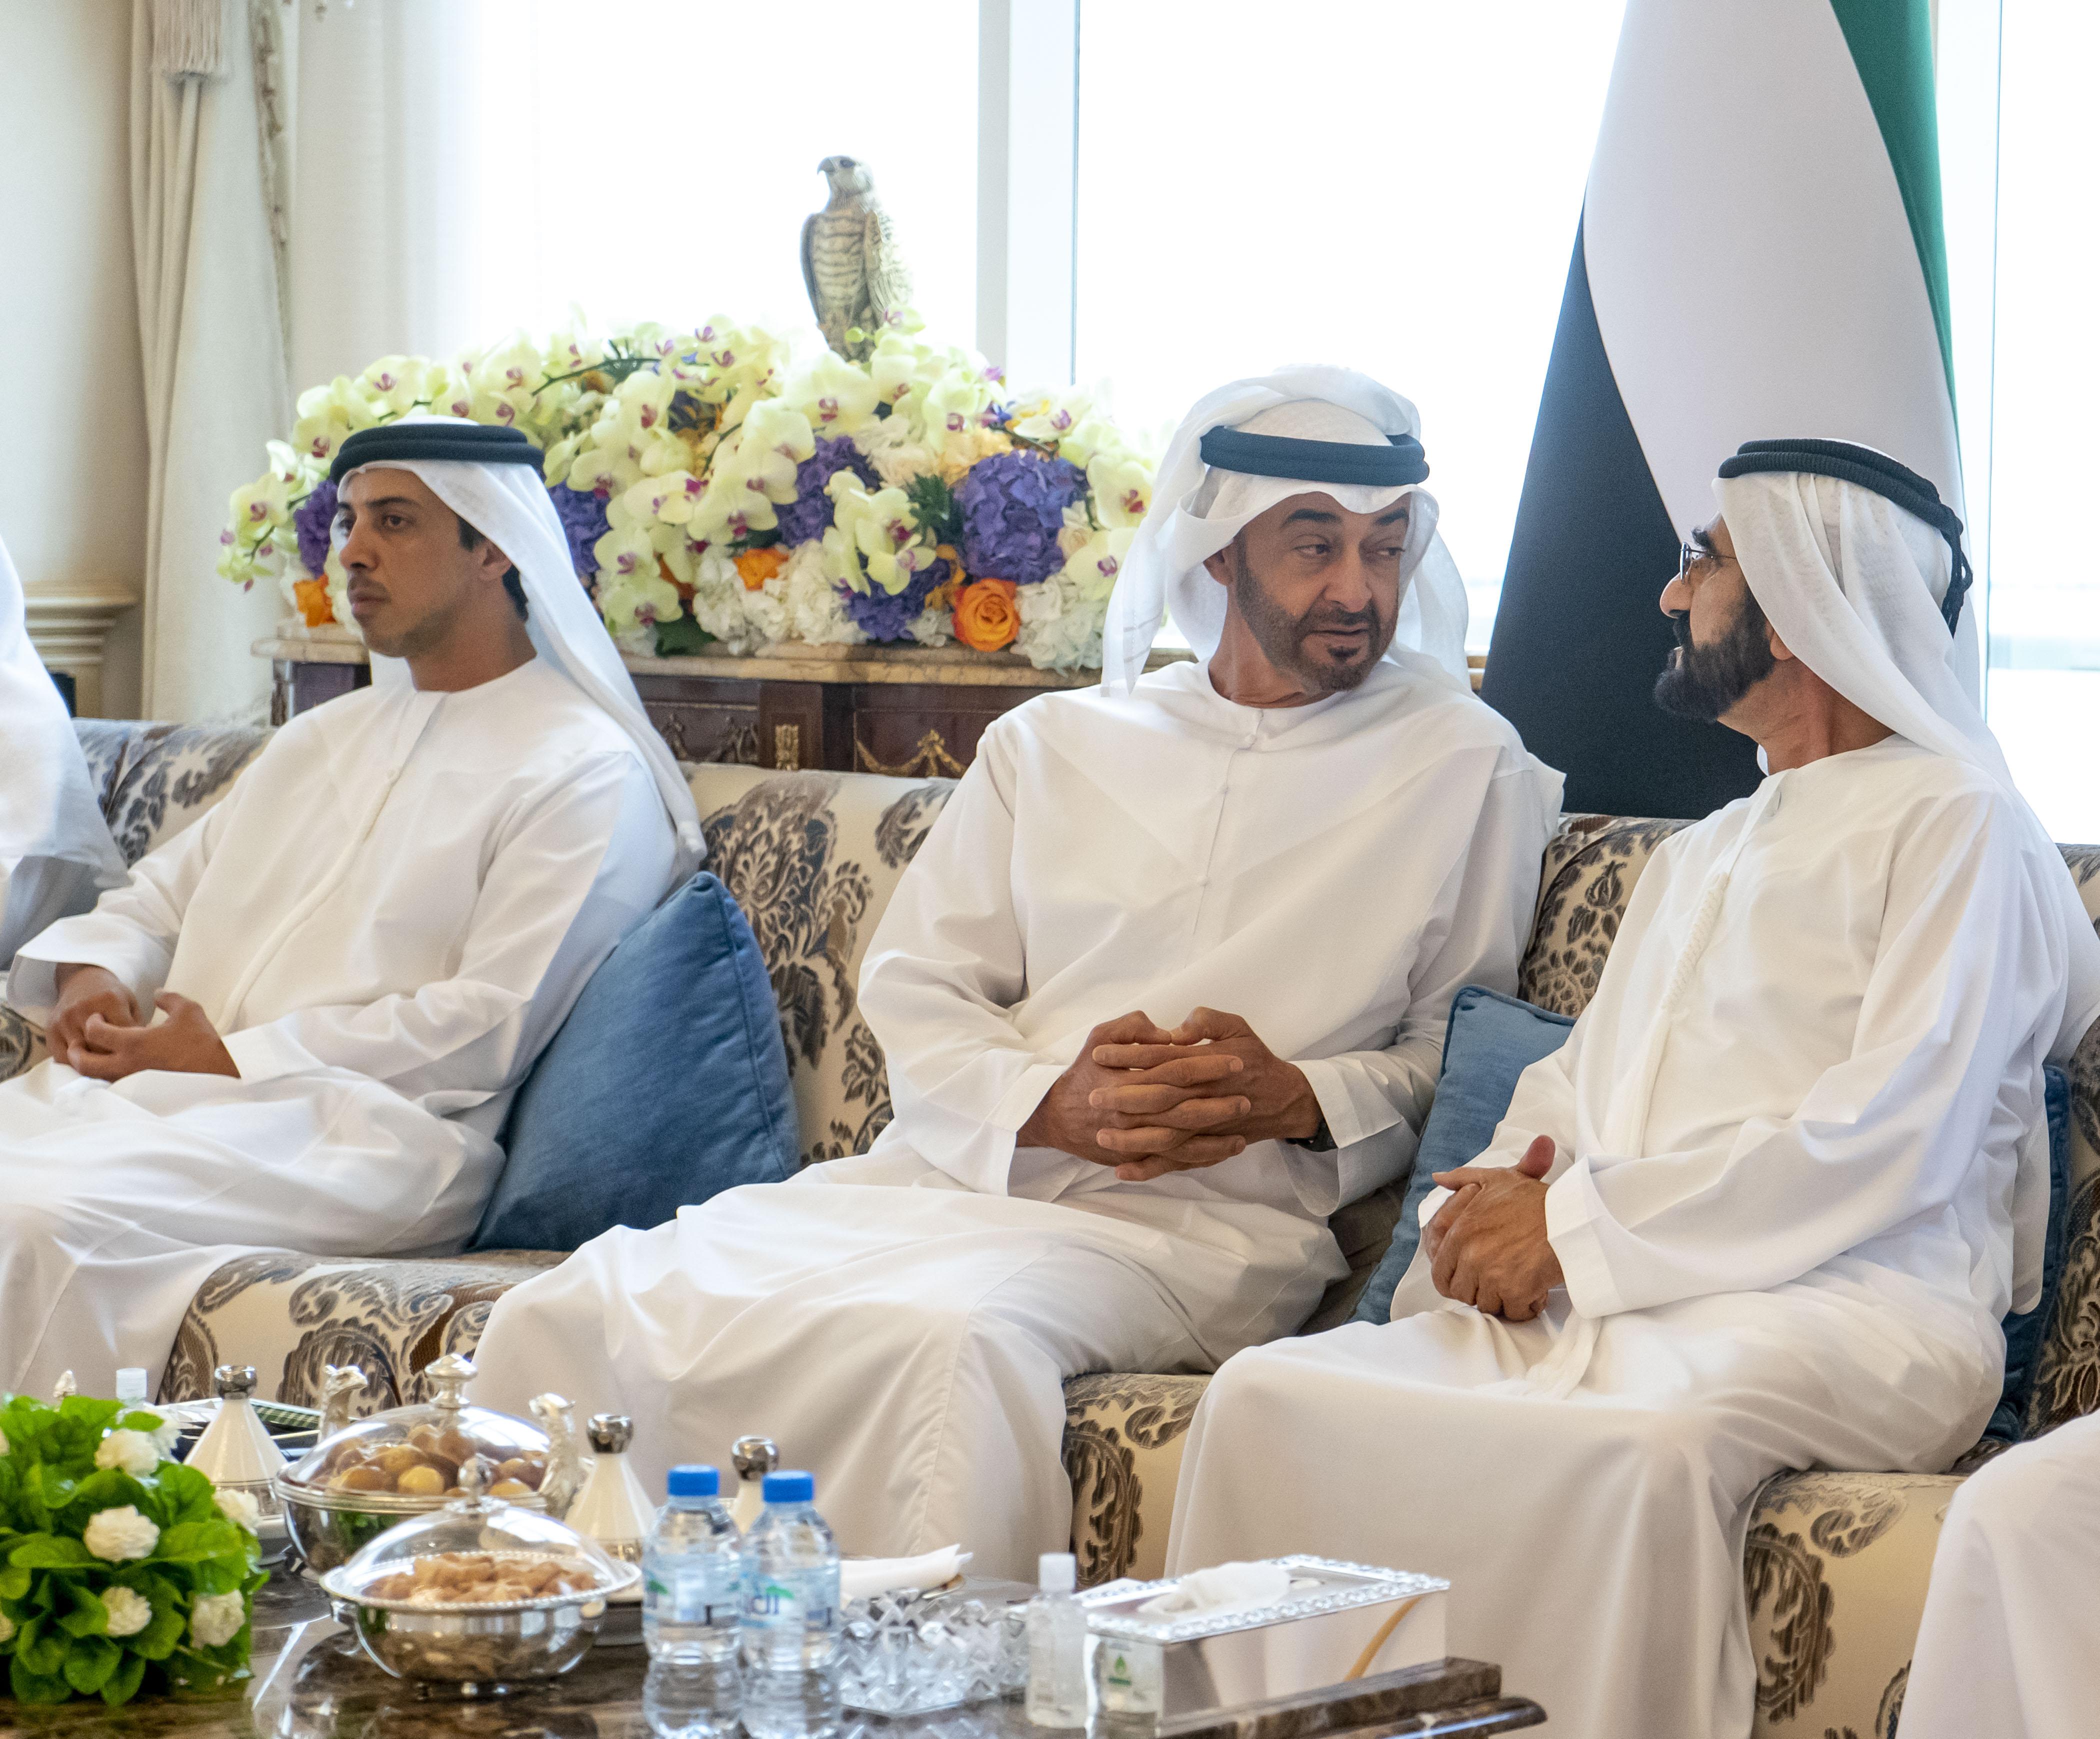 محمد بن راشد يلتقي أخاه محمد بن زايد و يتبادلان الأحاديث حول عدد من القضايا التي تهم الوطن والمواطن